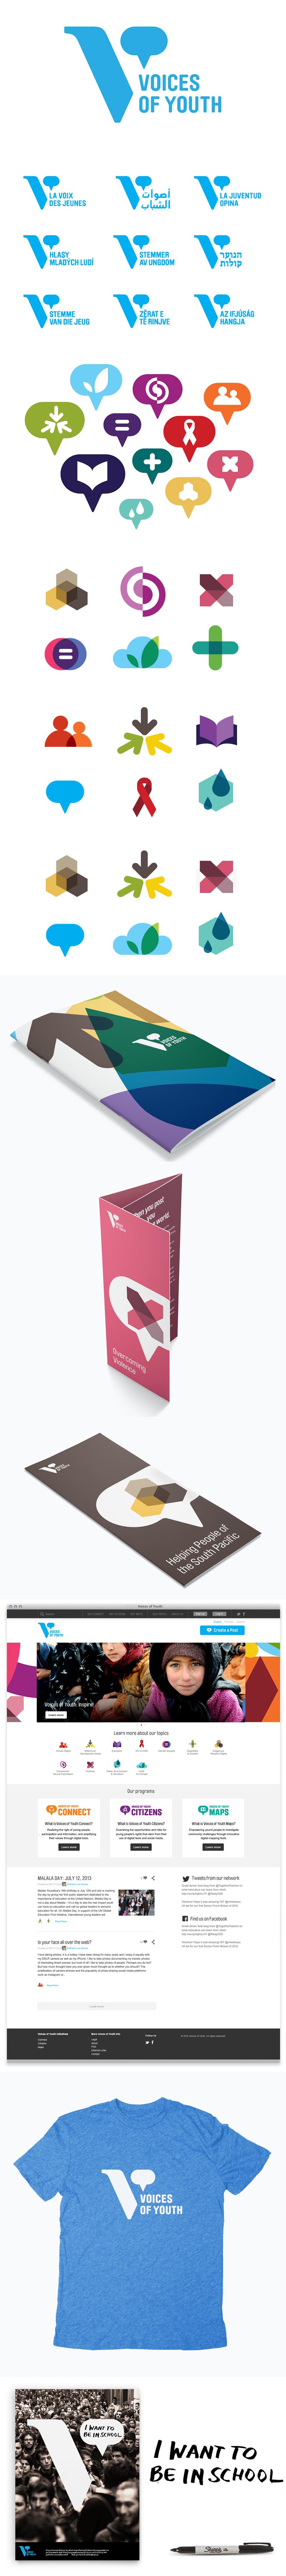 아이콘 전개 Voices of Youth brand, Unicef